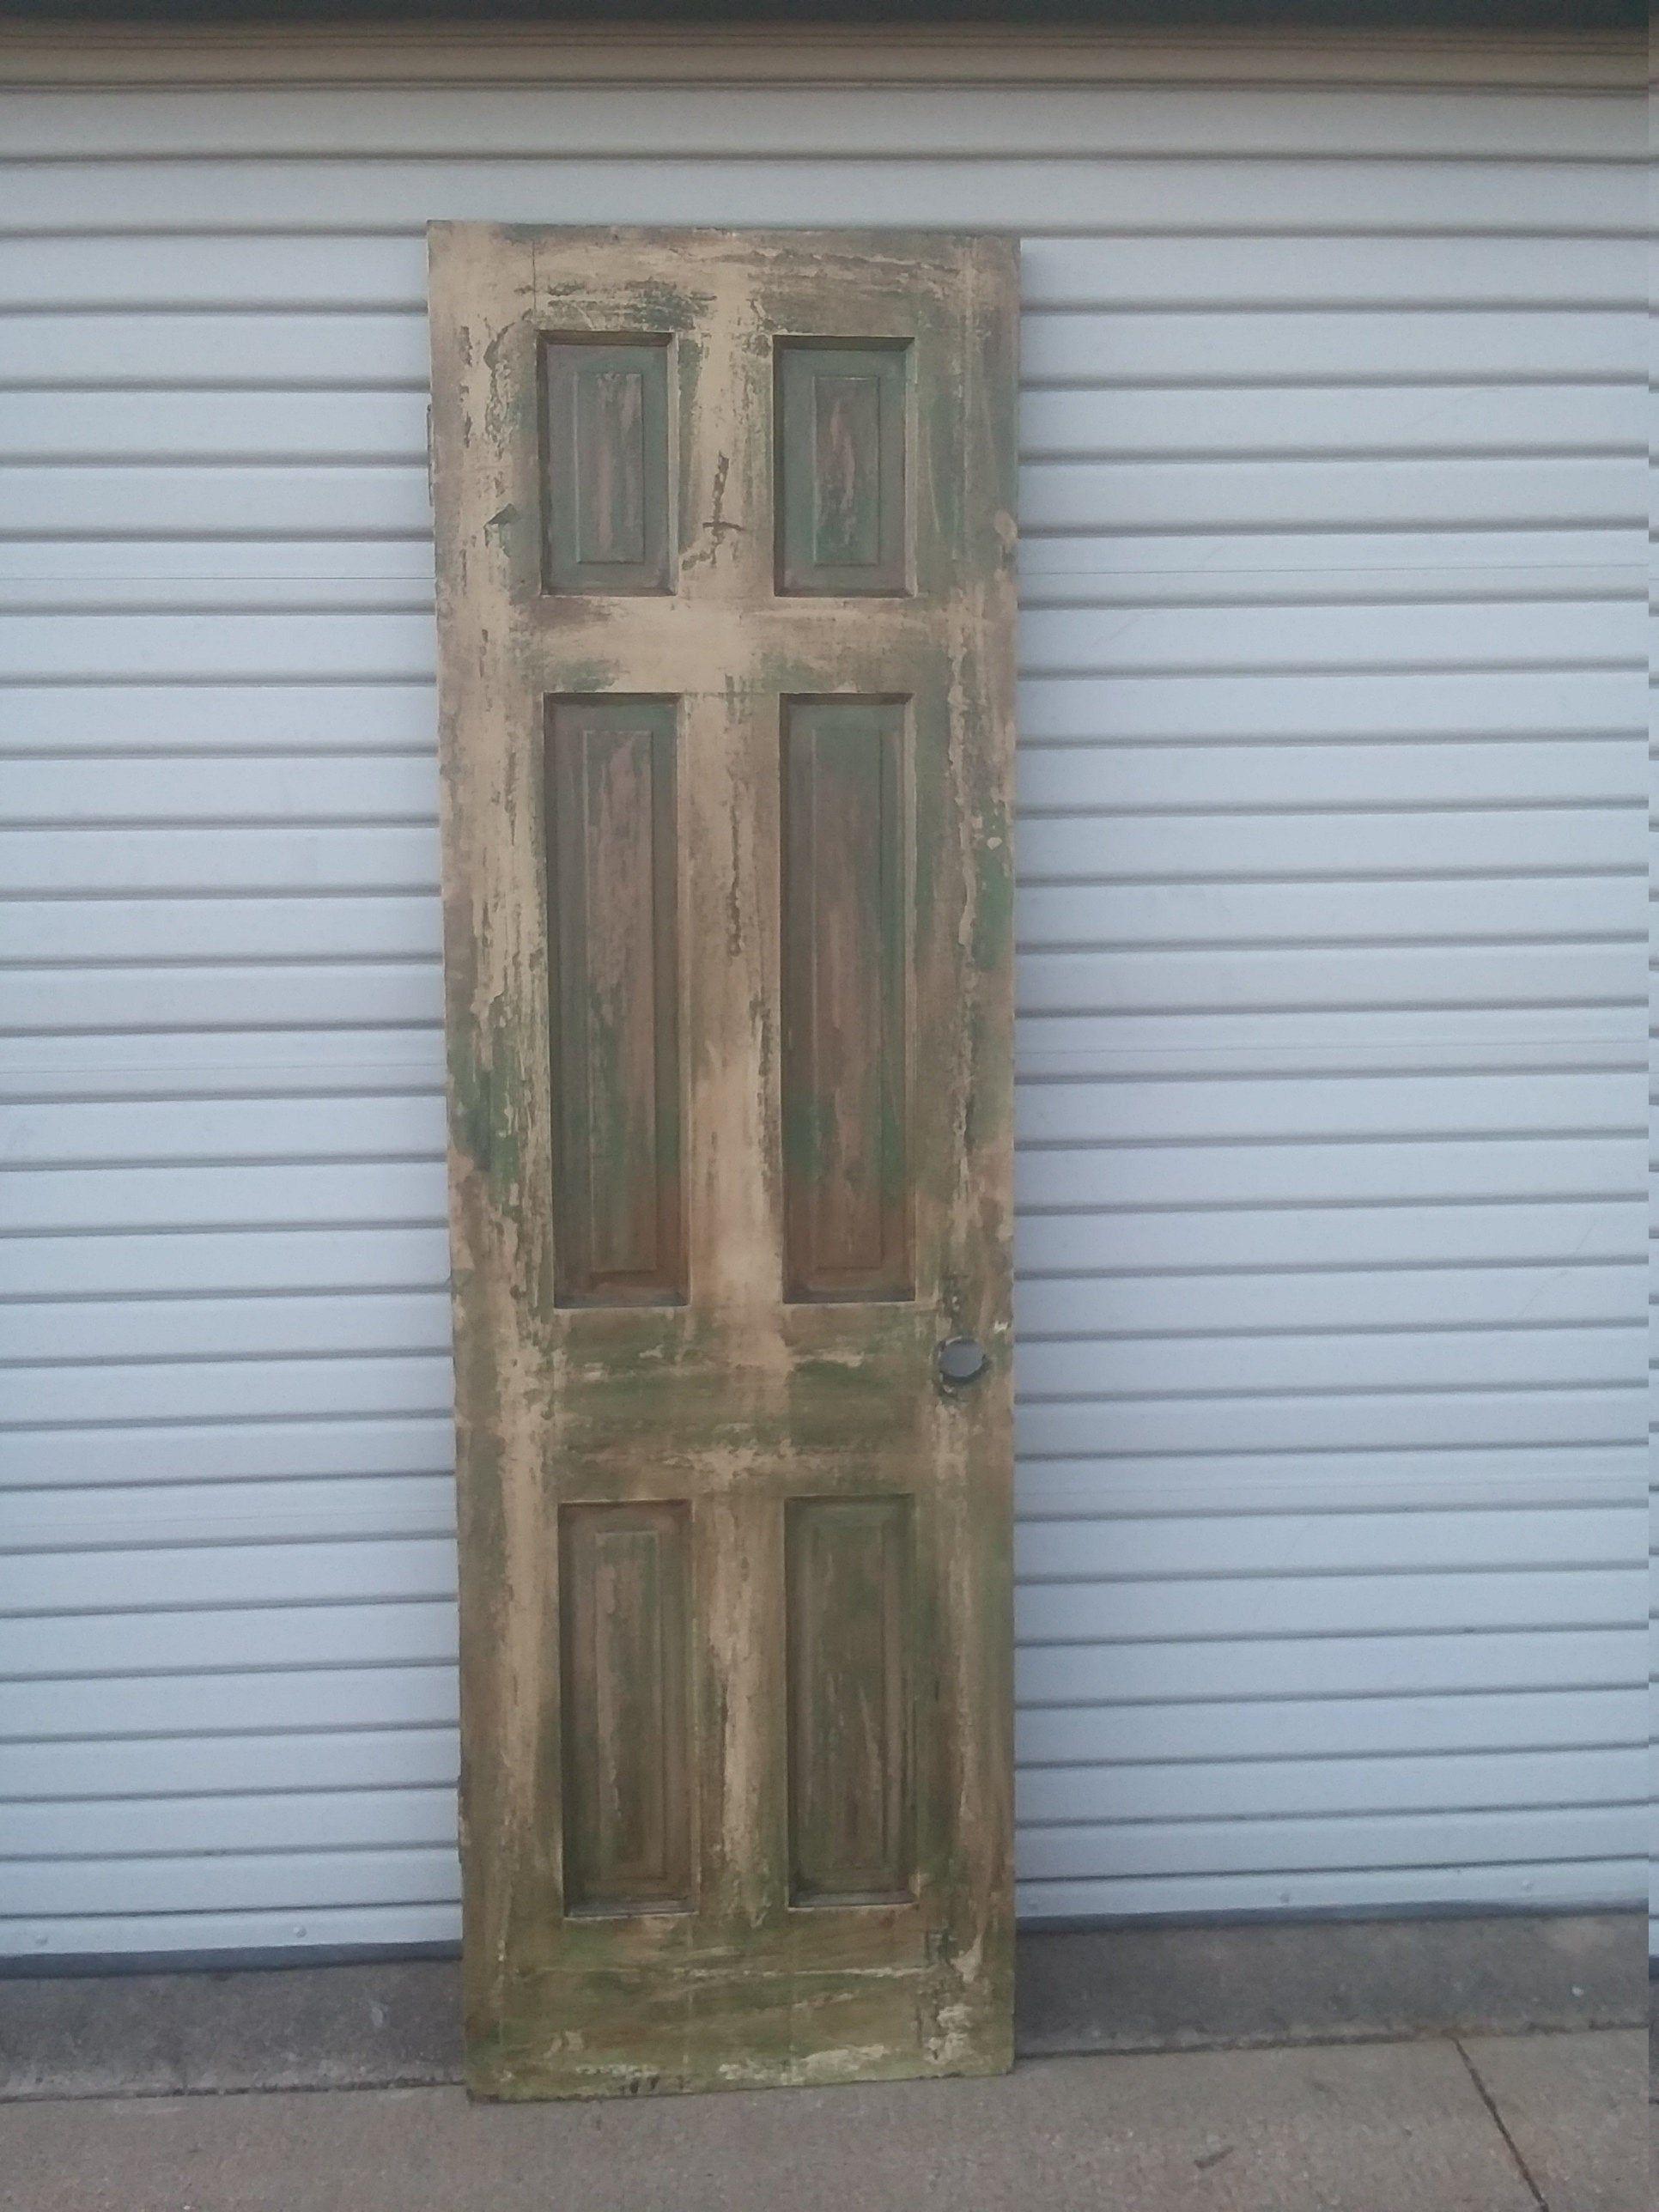 Distressed Door 6 Panel Door 6 Panel Cross Pantry Door Pantry Door 6 Panel Raised Panel 24 Inch Door Rustic Door 24 X 79 1 8 Rustic Doors Distressed Doors Old Wood Doors